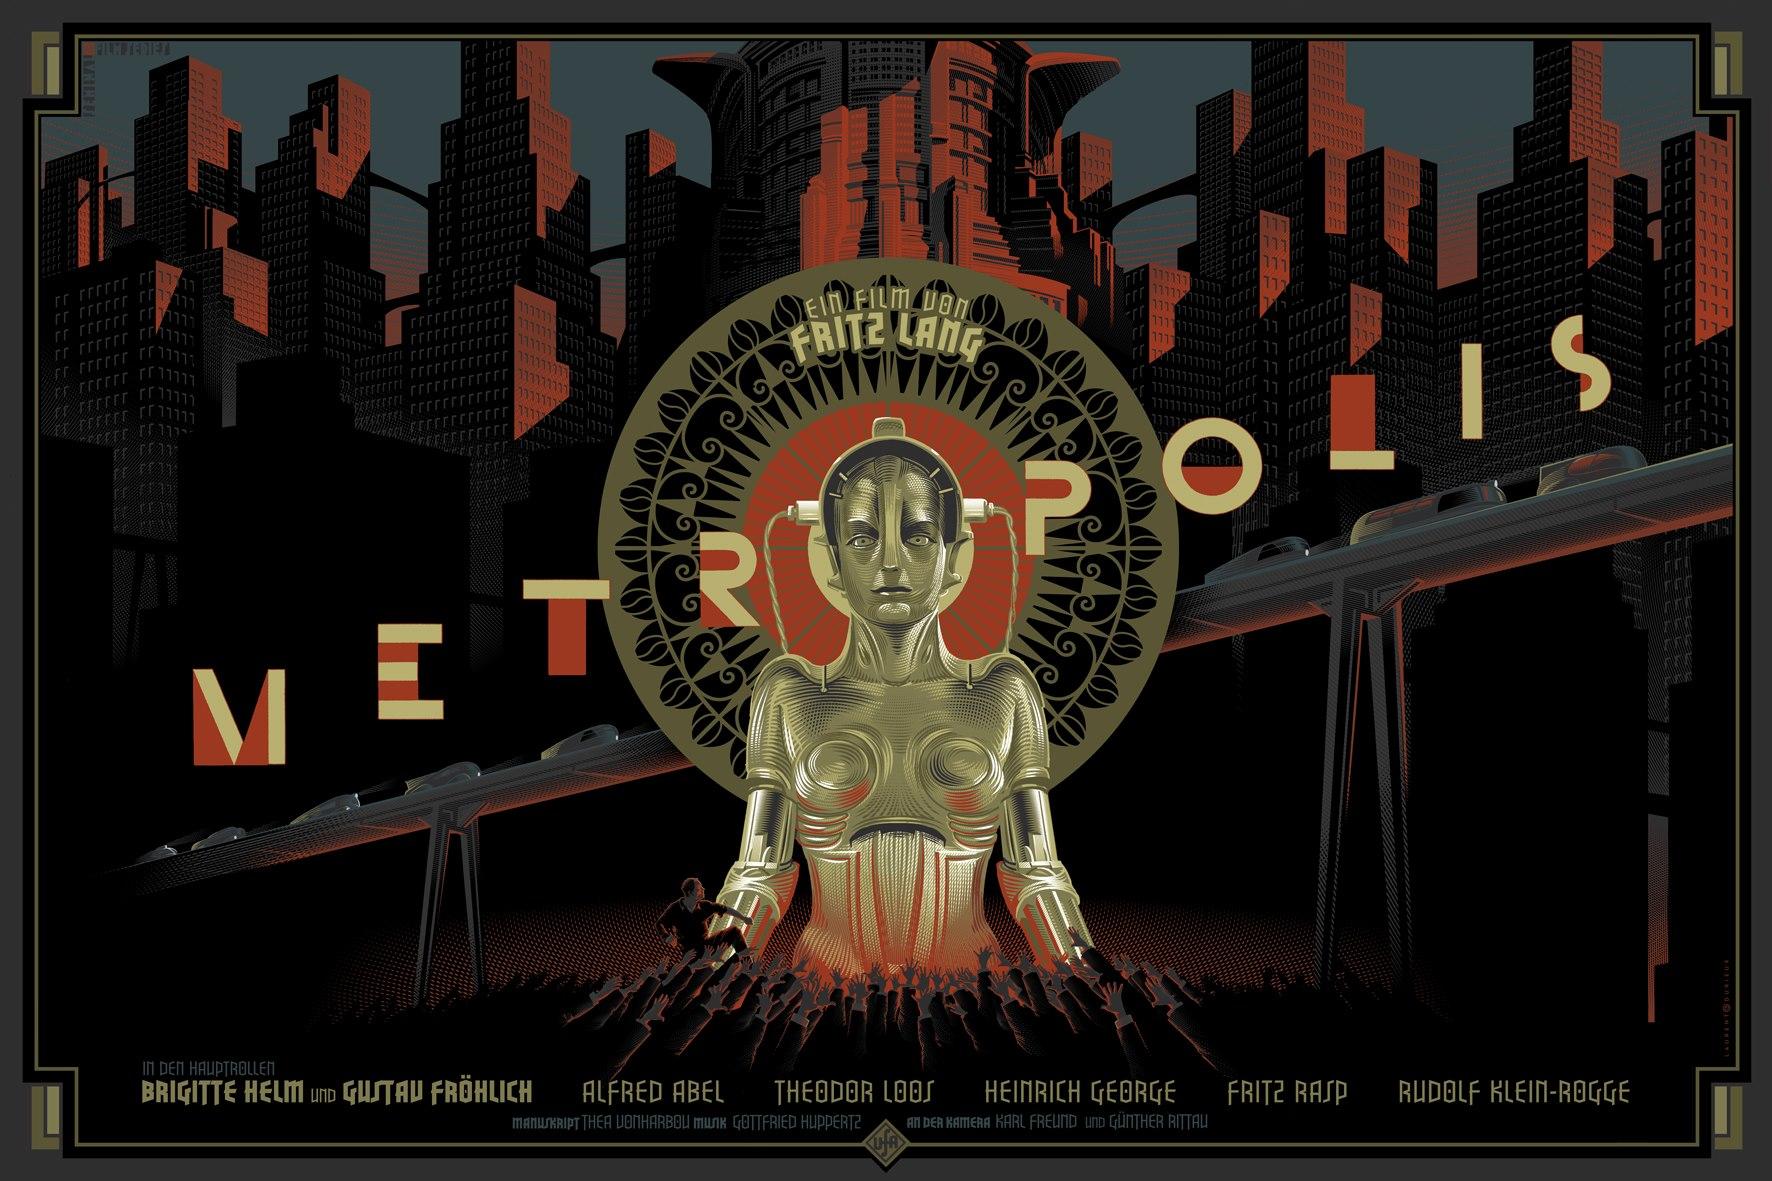 wallpaper cyberpunk metropolis robots - photo #13